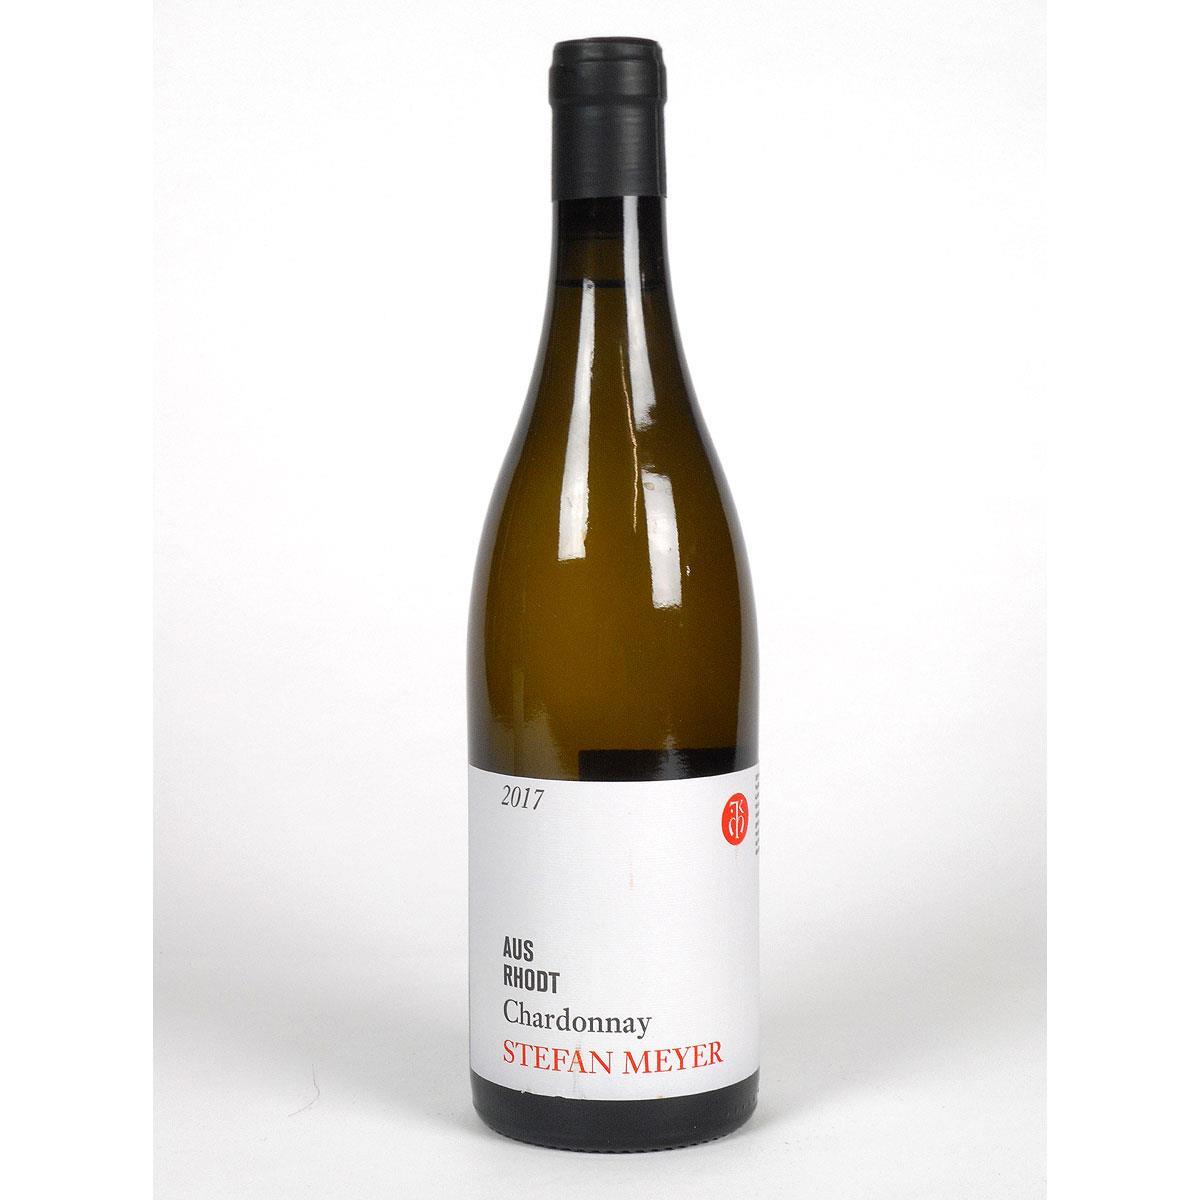 Pfalz: Stefan Meyer 'Aus Rhodt' Chardonnay 2017 - Bottle